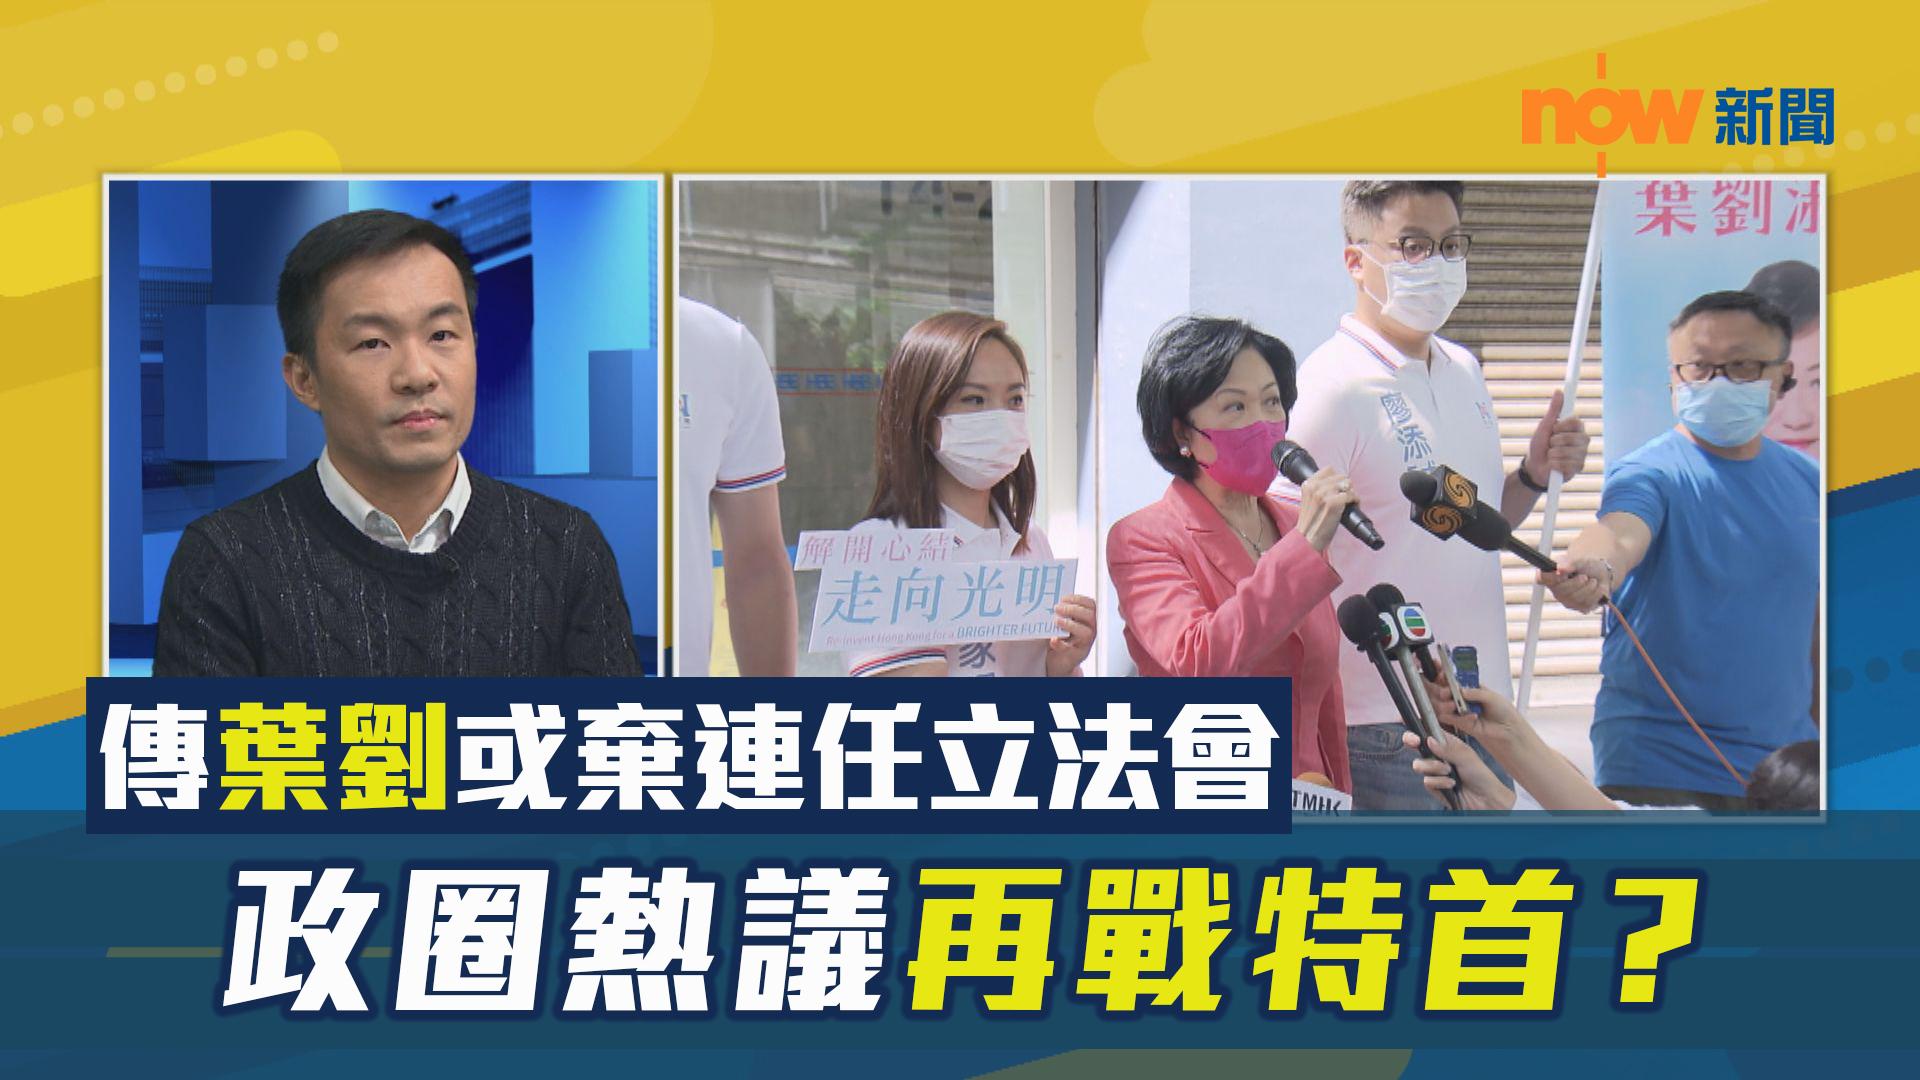 【政情】傳葉劉或棄連任立法會 政圈熱議再戰特首?